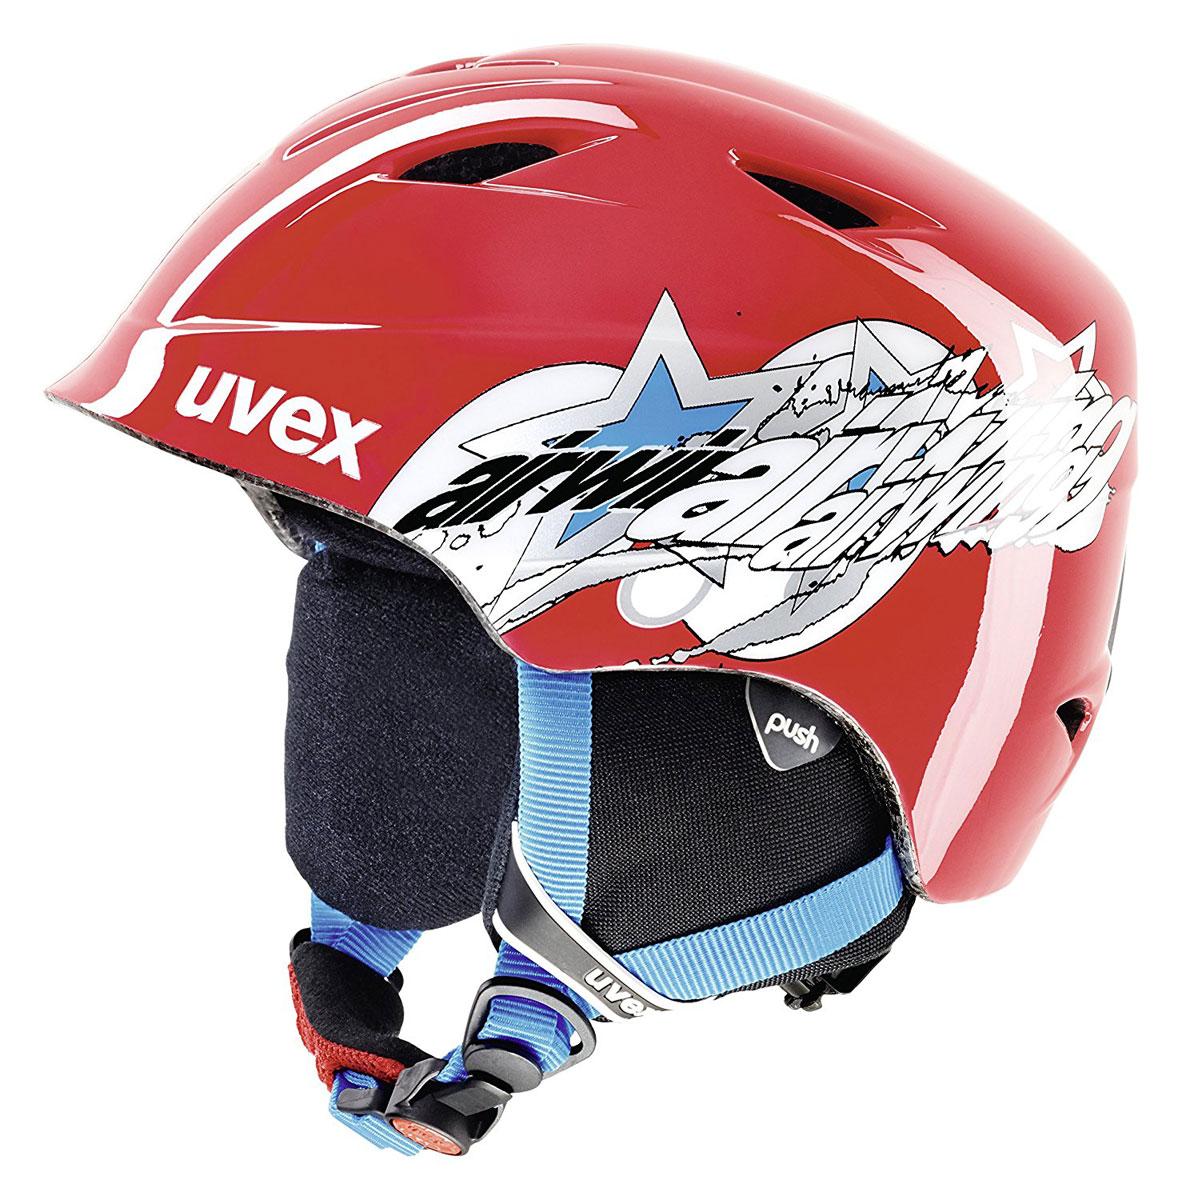 Шлем зимний Uvex Airwing 2, детский, цвет: красный. Размер XS6132-3301Детский шлем Uvex Airwing предназначен для катаний на сноуборде и занятий другими зимними развлечениями. Шлем снабжен универсальным внутренним настроечным кольцом, регулируемыми текстильными ремешками и вентиляционными отверстиями. Большое количество вентиляционных отверстий гарантирует отличную циркуляцию воздуха на разных скоростях движения при сохранении жесткости. Подстежка изготовлена из пенополистирола. Ее роль заключается в рассеивании энергии при ударе, что защищает голову. Верхняя часть шлема, выполненная из прочного пластика, препятствует разрушению изделия, защищает шлем от прокола и позволять ему скользить при ударах. Способность шлема скользить по поверхности является важной его характеристикой, так как при падении движение уменьшается не сразу, а постепенно, снижая тем самым нагрузку на голову и шею. Шлем оснащен утеплительной подкладкой и мягкой защитой ушей. При желании их можно снять, что позволяет использовать шлем и в теплый период времени.Надежный шлем с ярким дизайном обеспечит высокую степень защиты вашего ребенка. А вентиляционные отверстия сделают катание максимально комфортным.